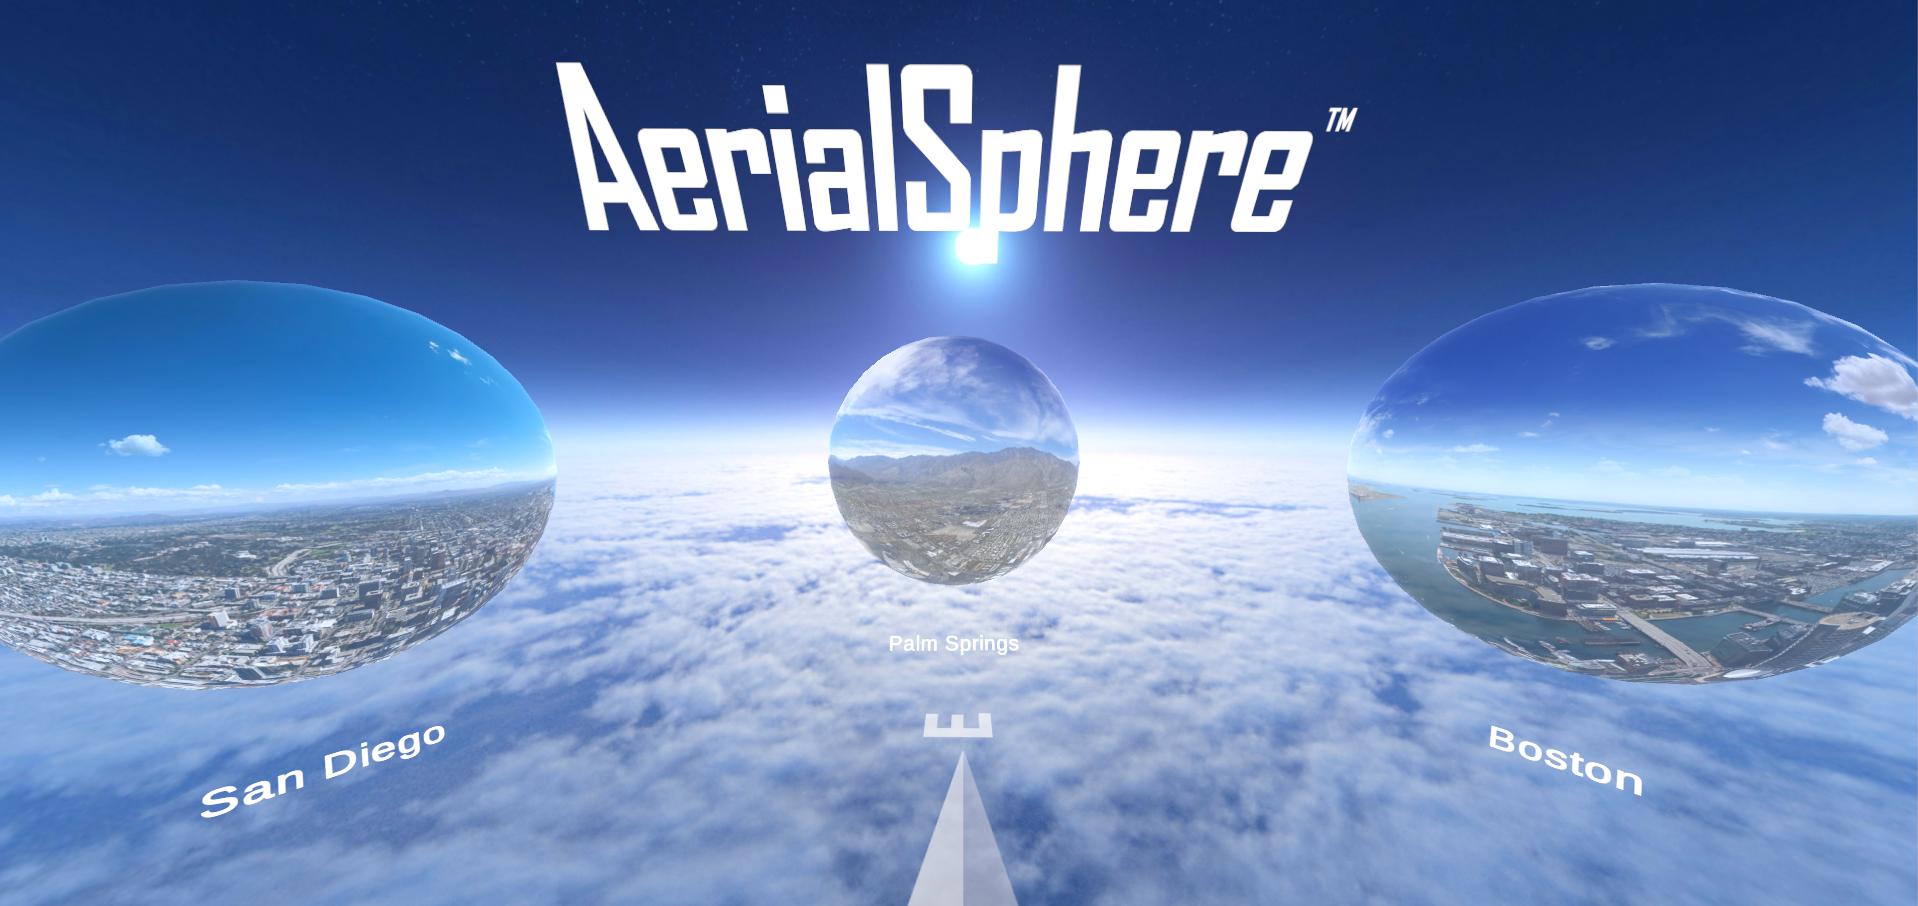 Aerial Sphere VR